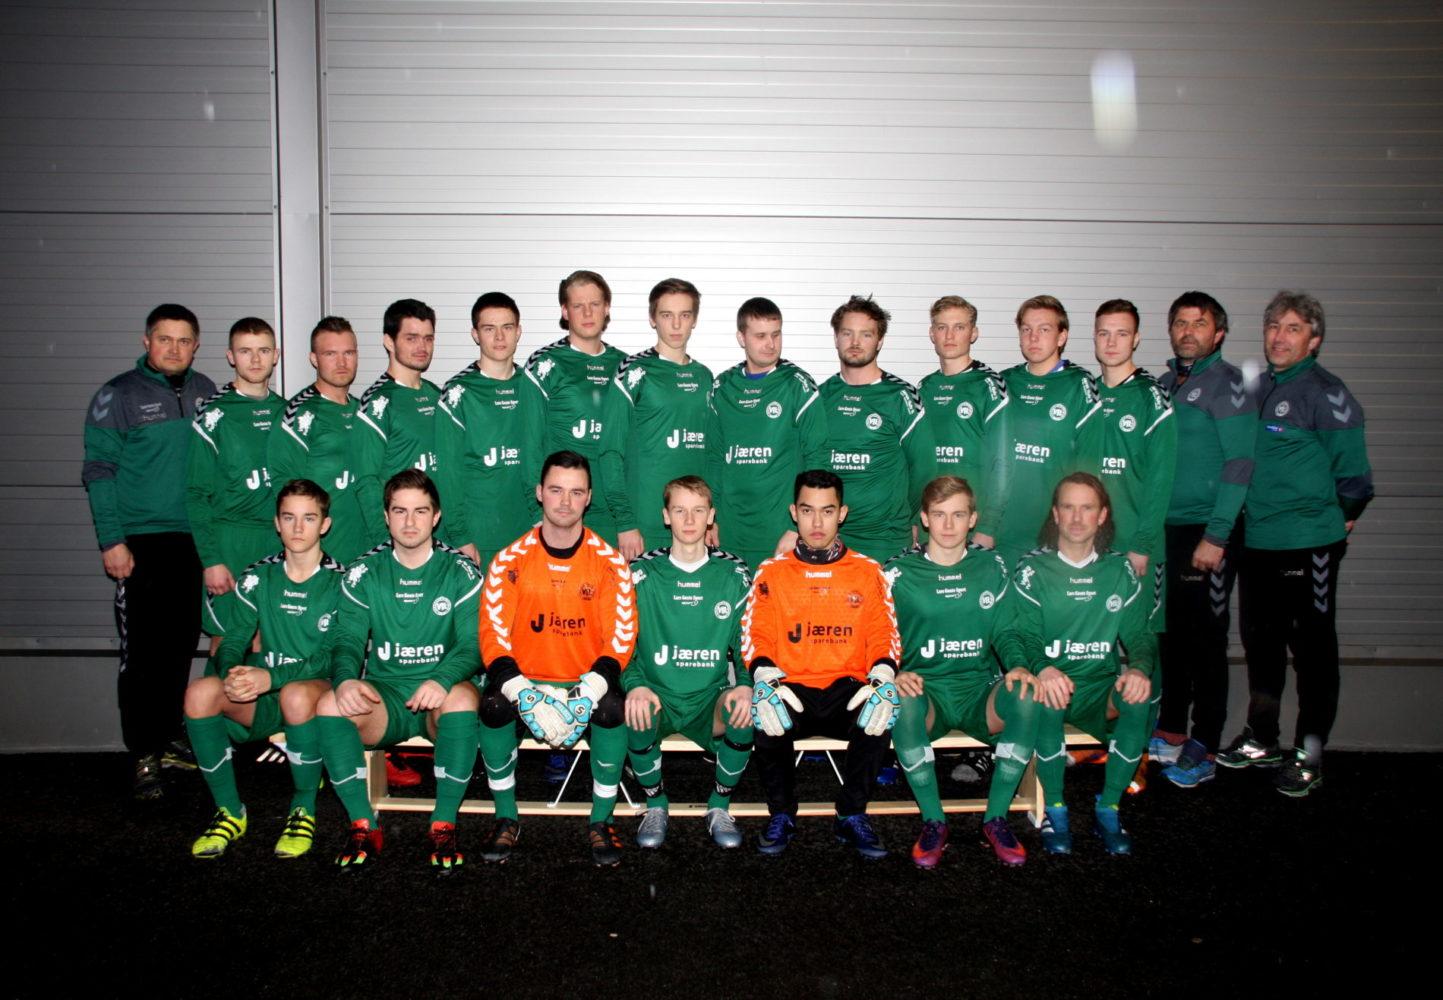 A-laget fotball